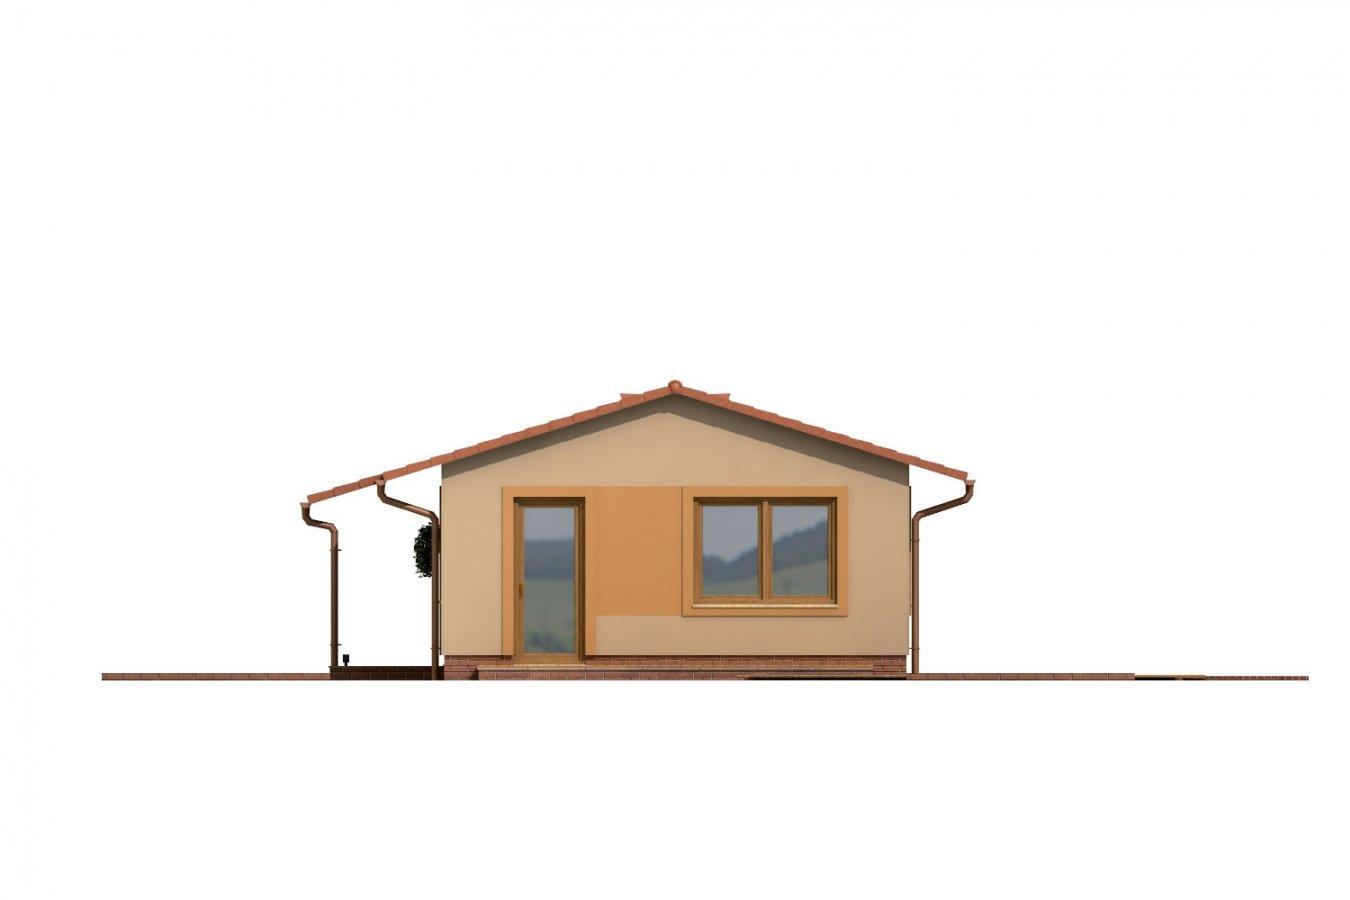 Pohľad 4. - Dom so sedlovou strechou vhodný na úzky pozemok.